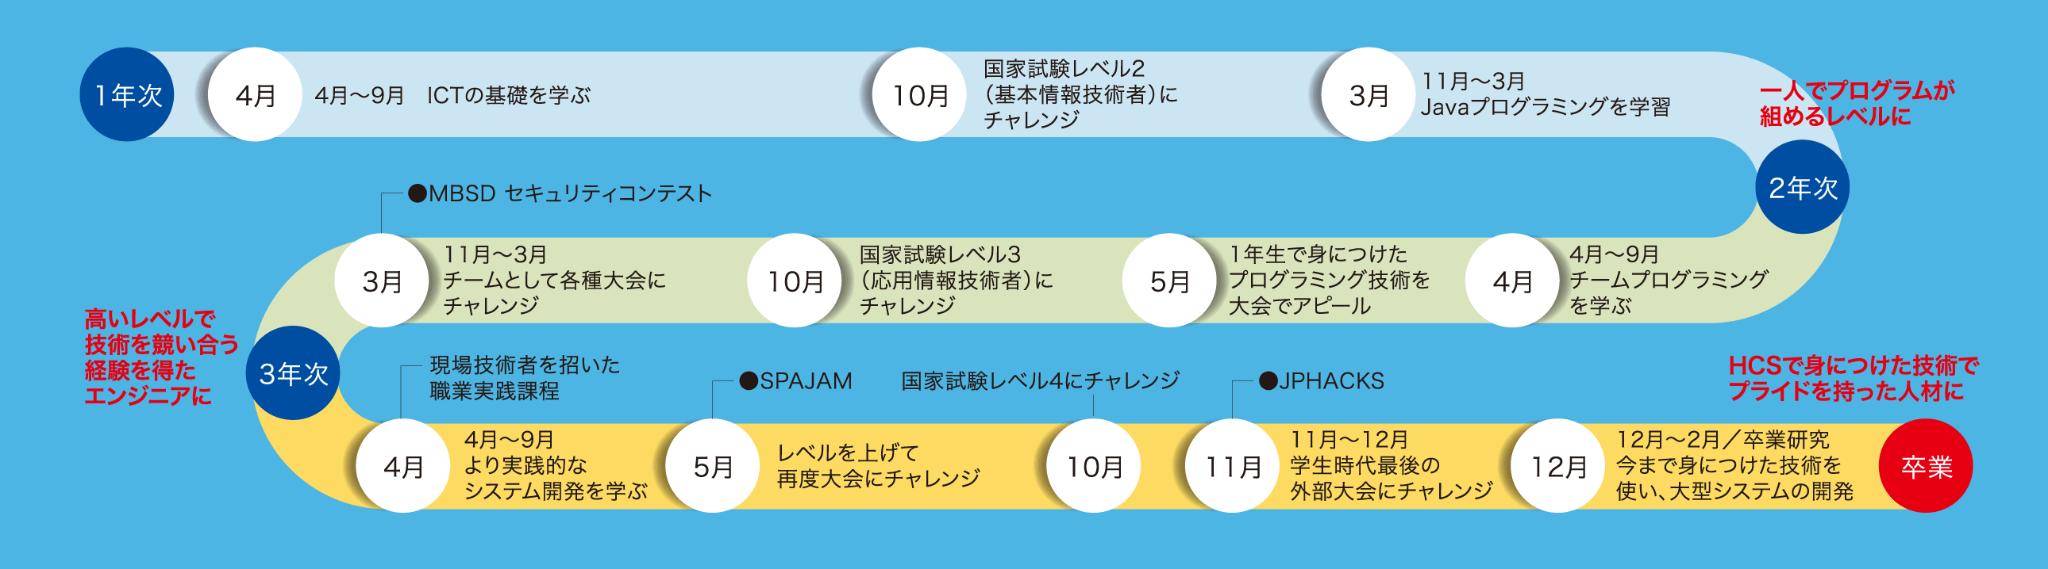 〜入学から卒業まで〜3年間のロードマップ